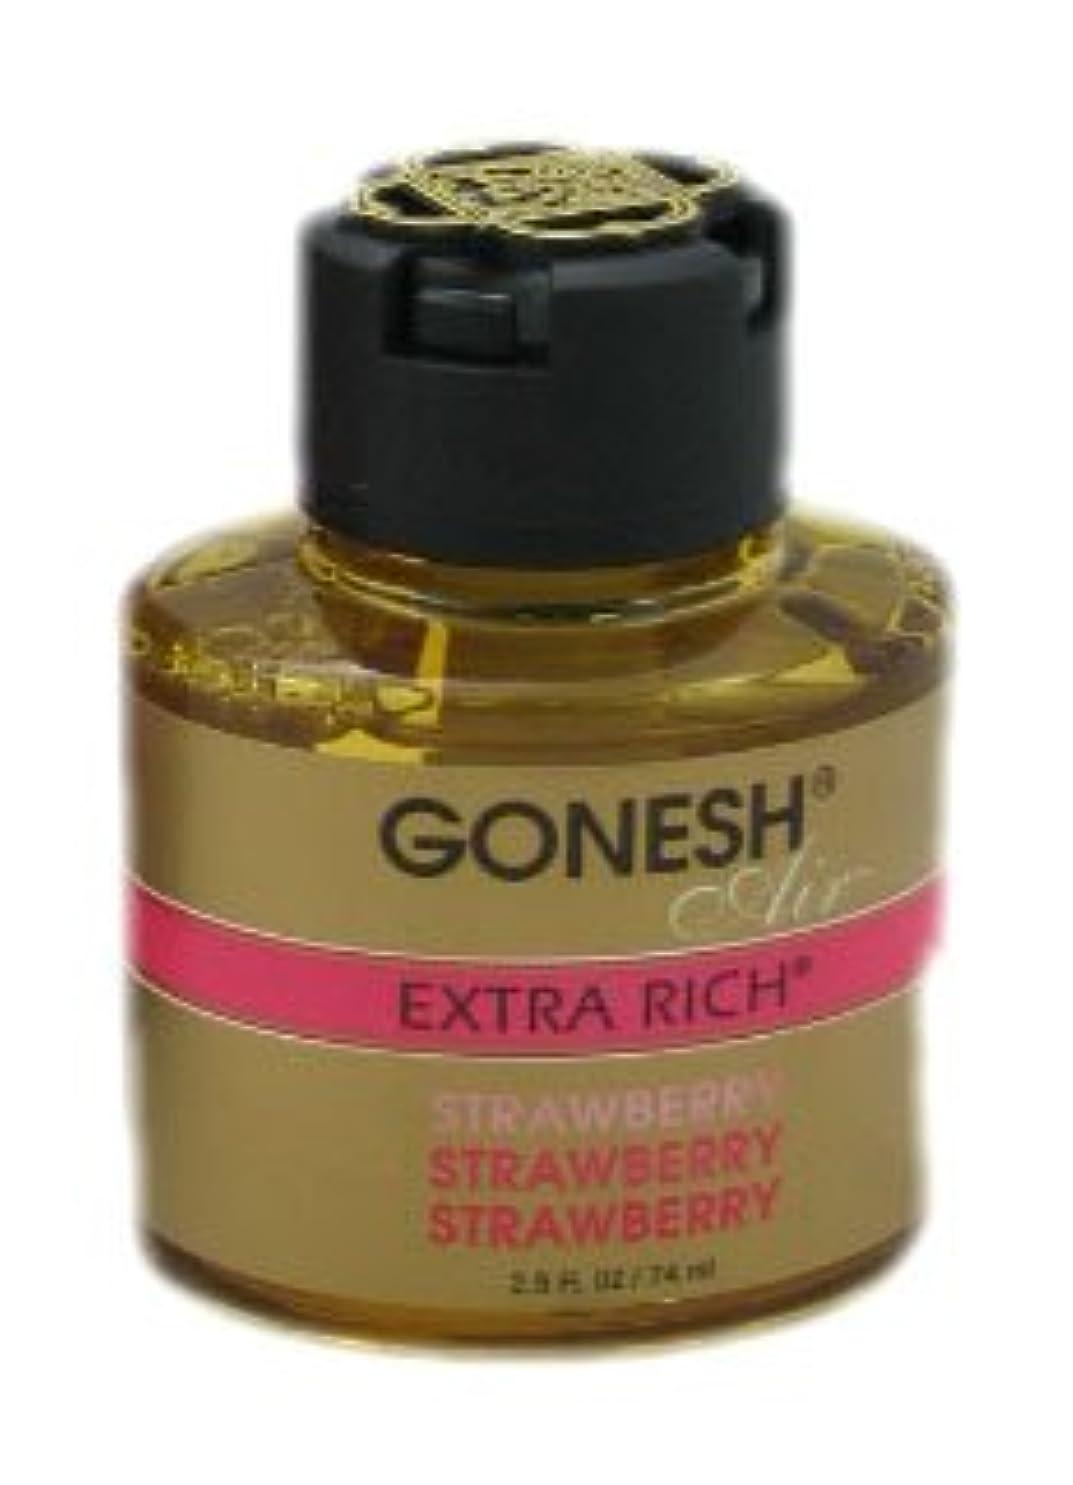 防止呼び起こす強盗ガーネッシュ(GONESH) リキッドエアフレッシュナー ストロベリー 74ml